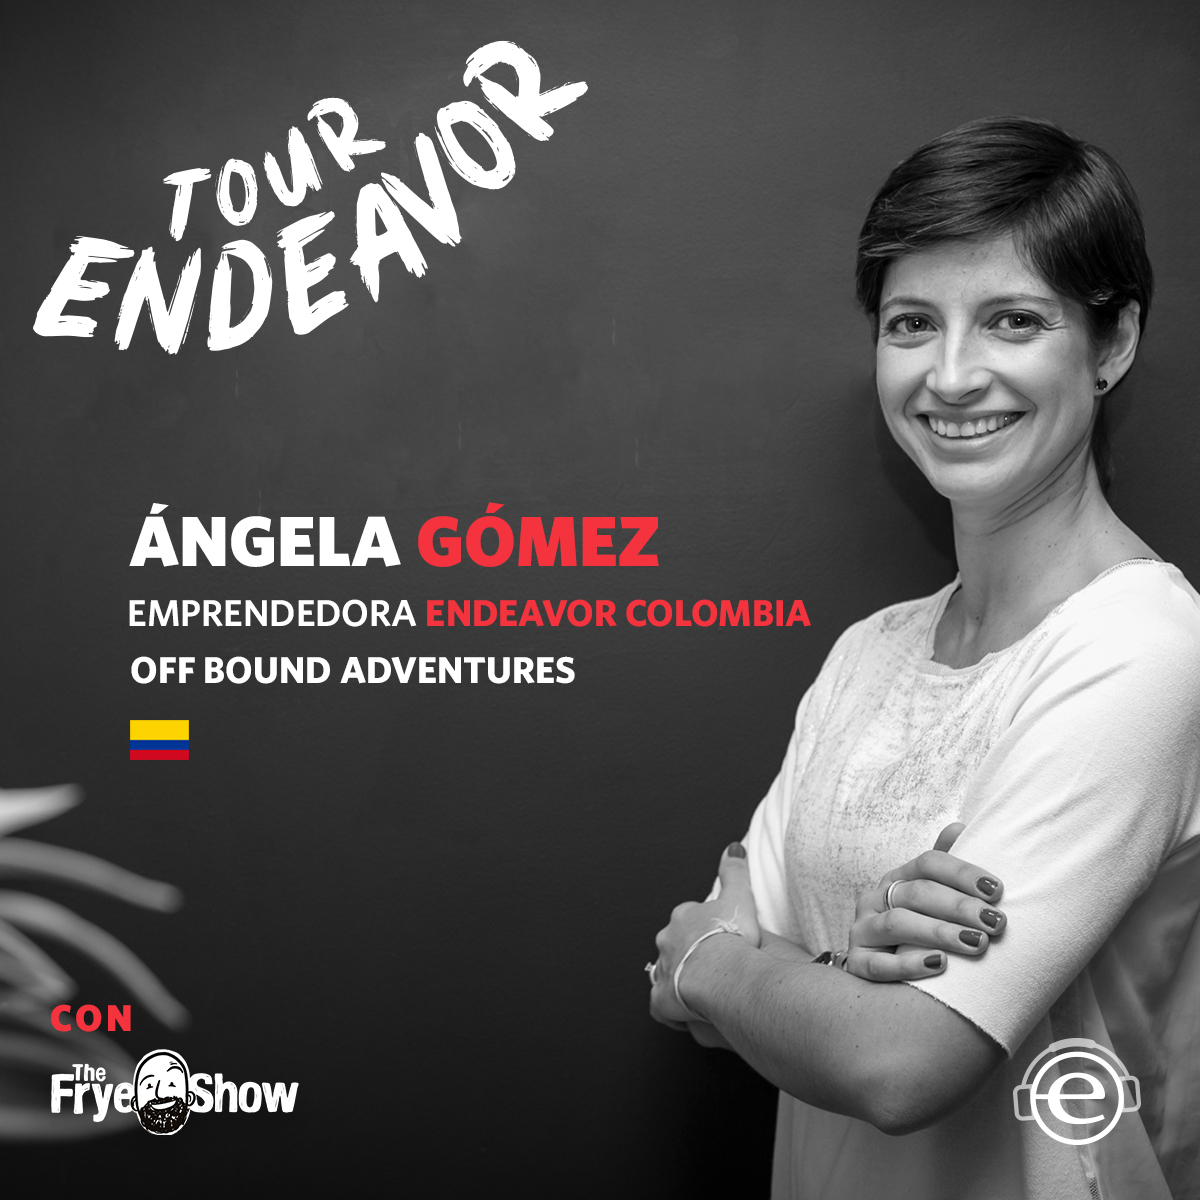 Ángela Gómez